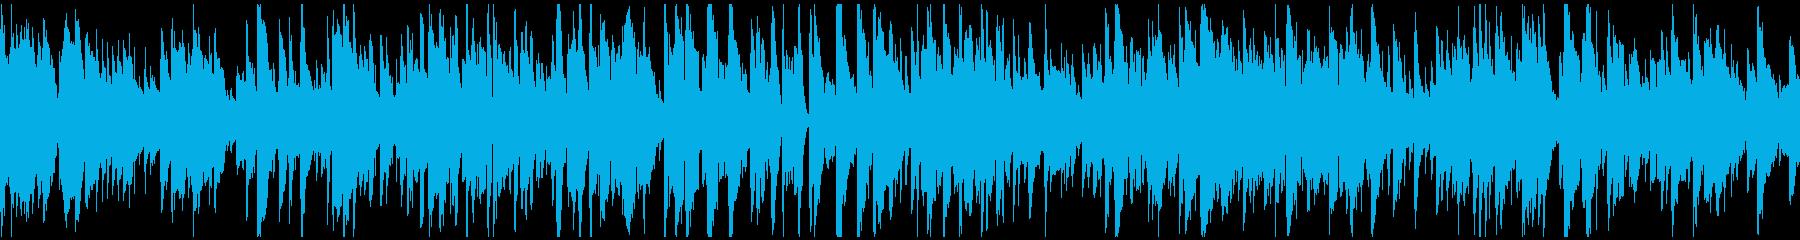 静かなボサノバ、リラックス ※ループ版の再生済みの波形